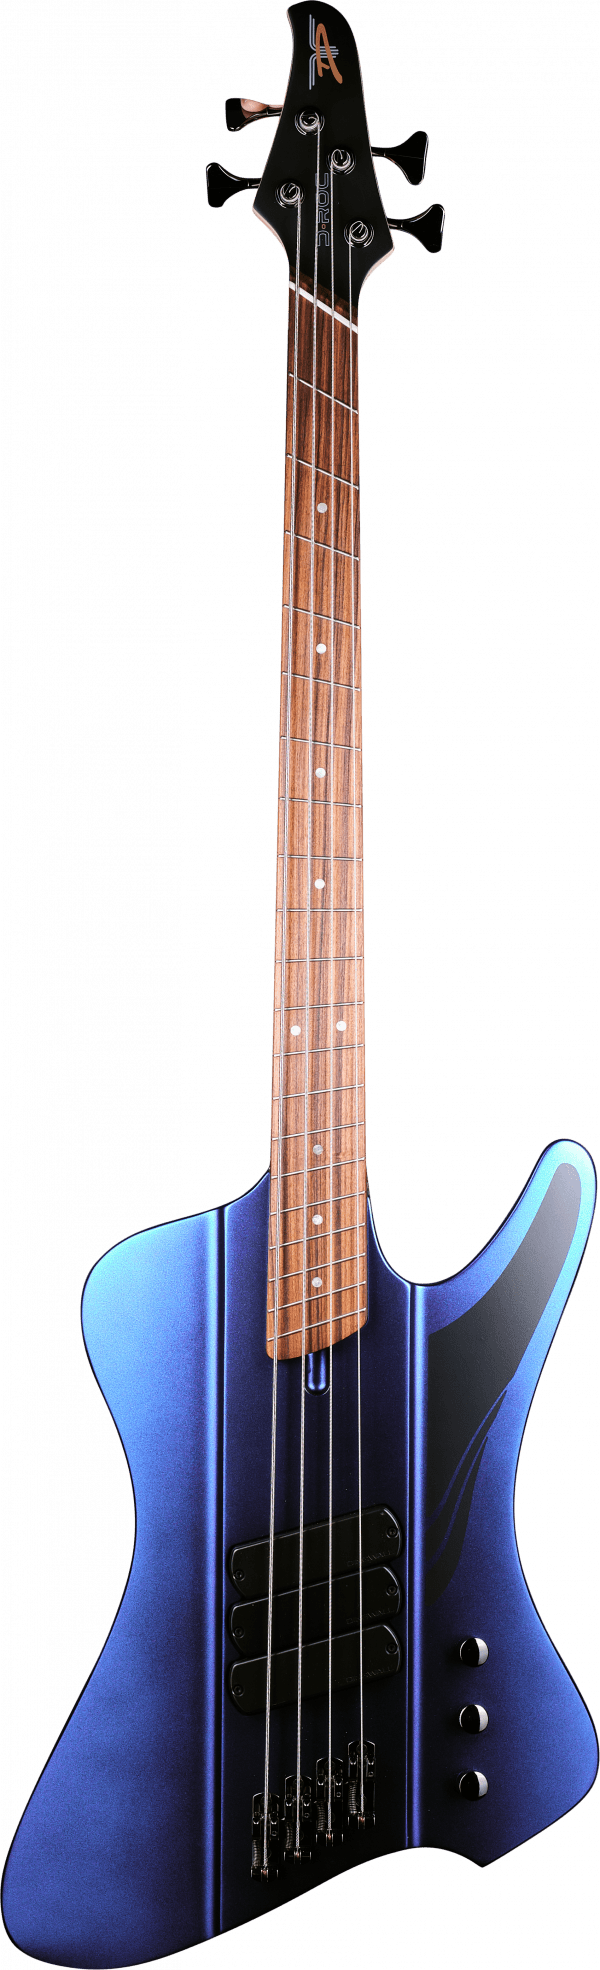 Dingwall D-Roc 4 Standard Matte Blue to Purple Colorshift